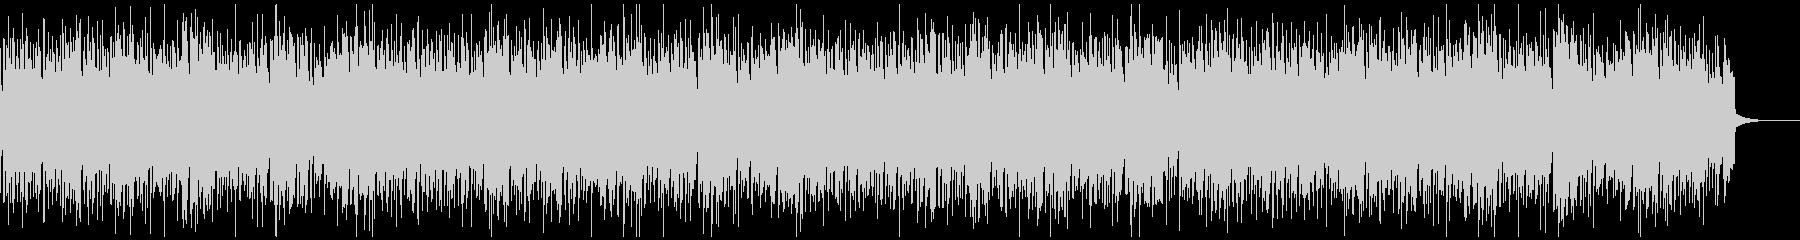 うきうきするような軽快なアコギBGMの未再生の波形